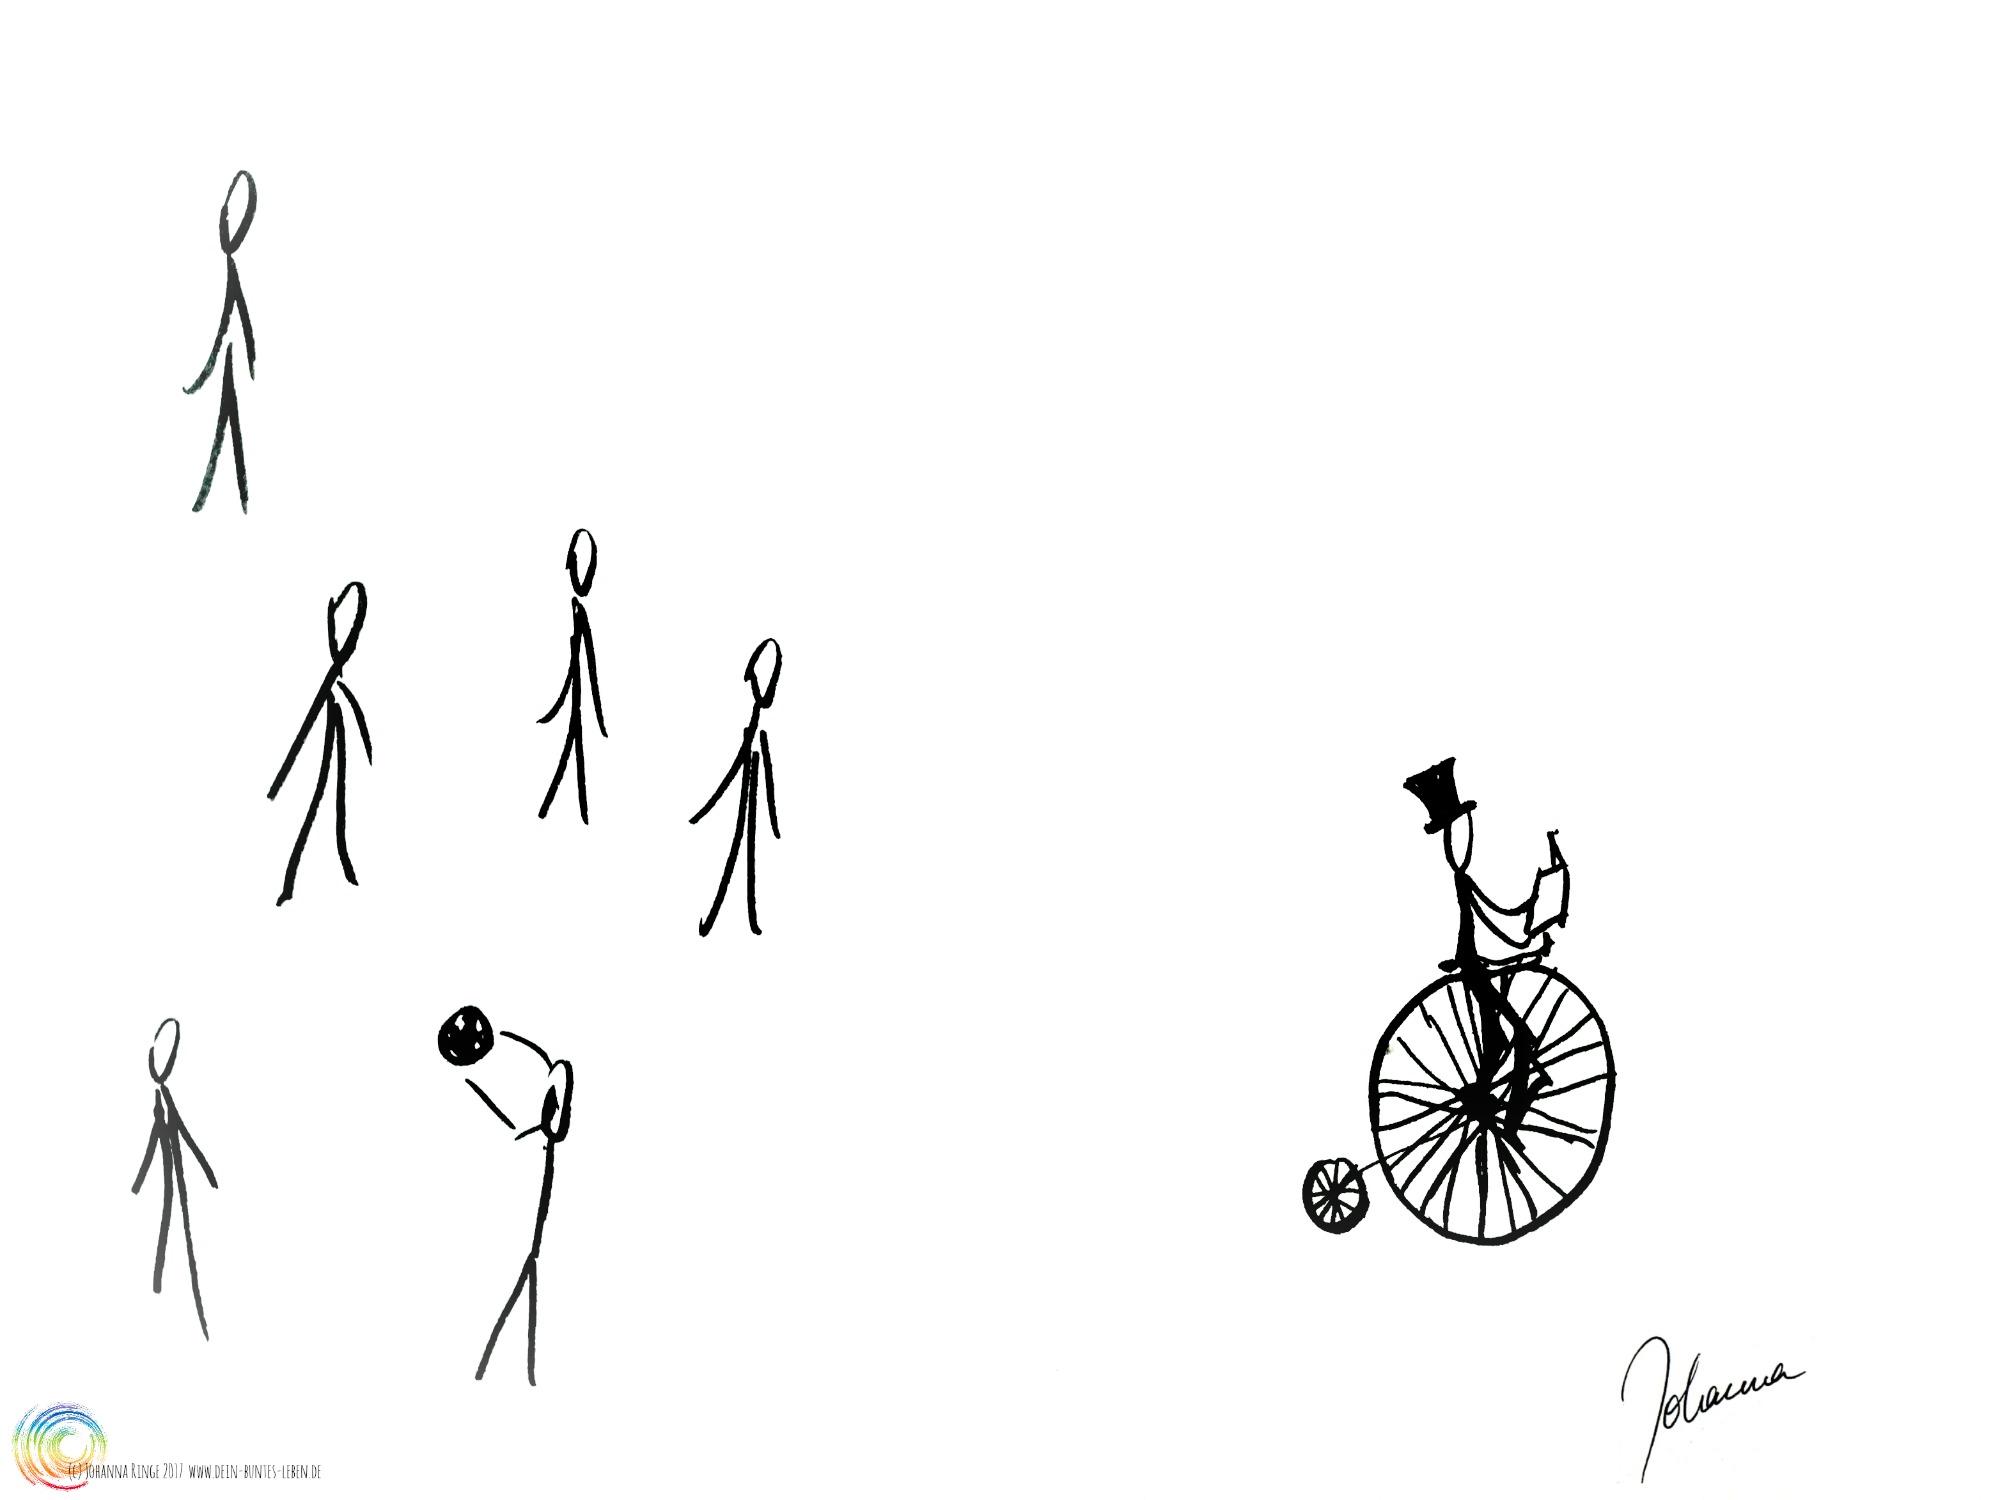 Zeichnung von mehreren ballspielenden Kindern und einem Kind auf einem Hochrad lesend. Kinder! (c) 2017 Johanna Ringe www.dein-buntes-leben.de